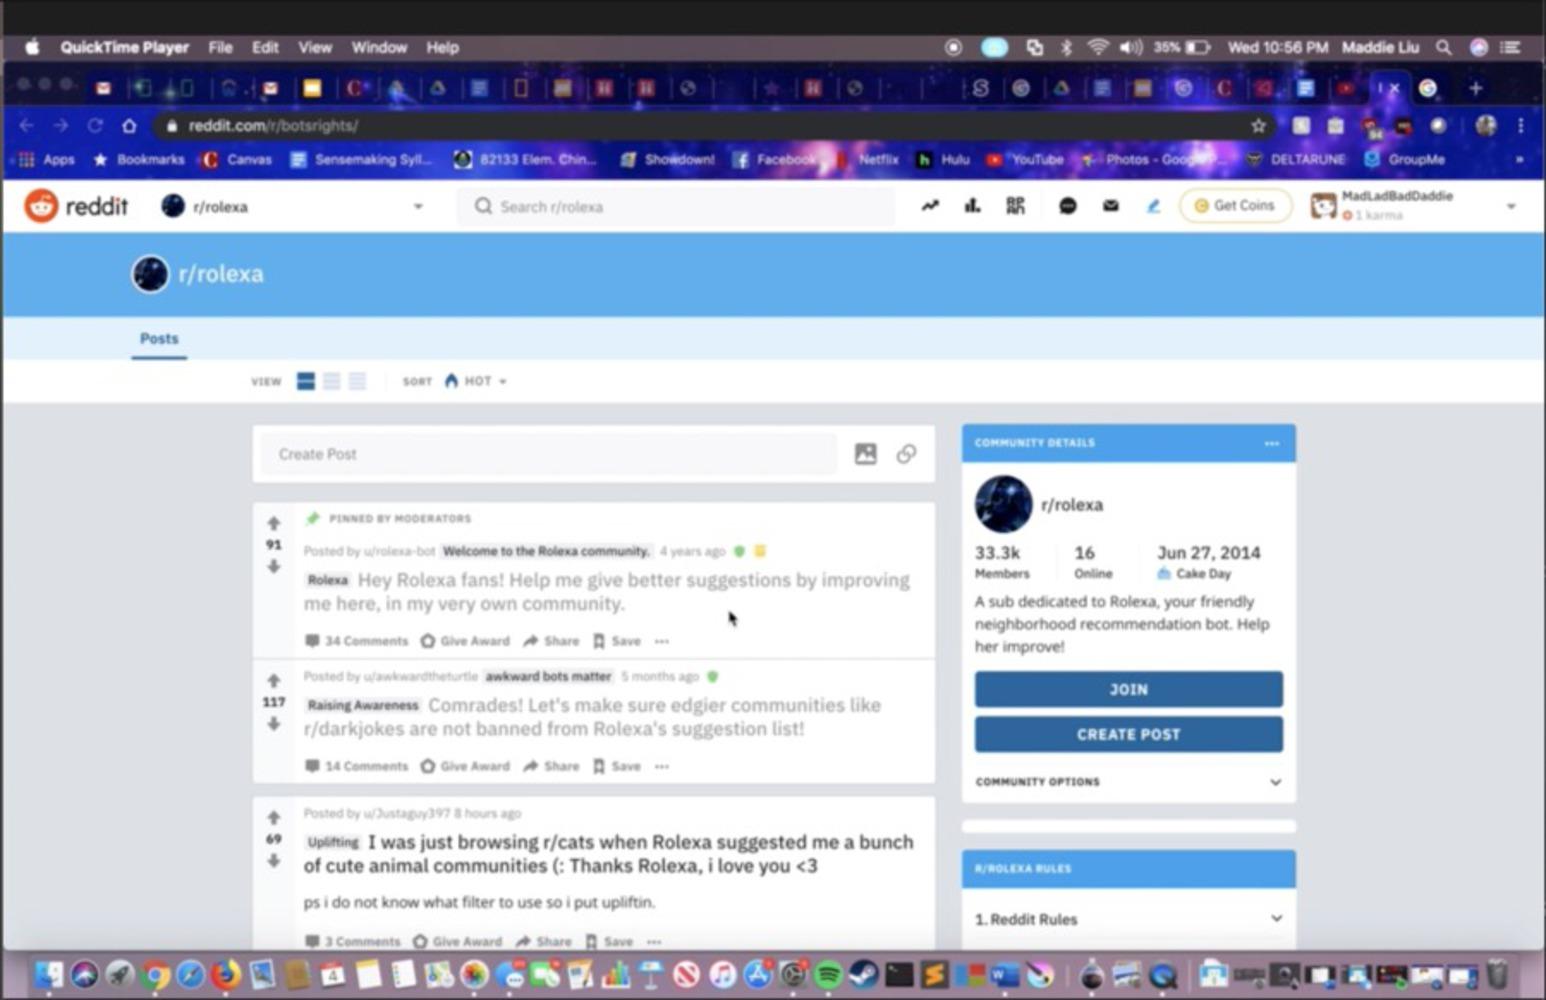 Screen shot 2019 12 04 at 11.18.24 pm.thumb